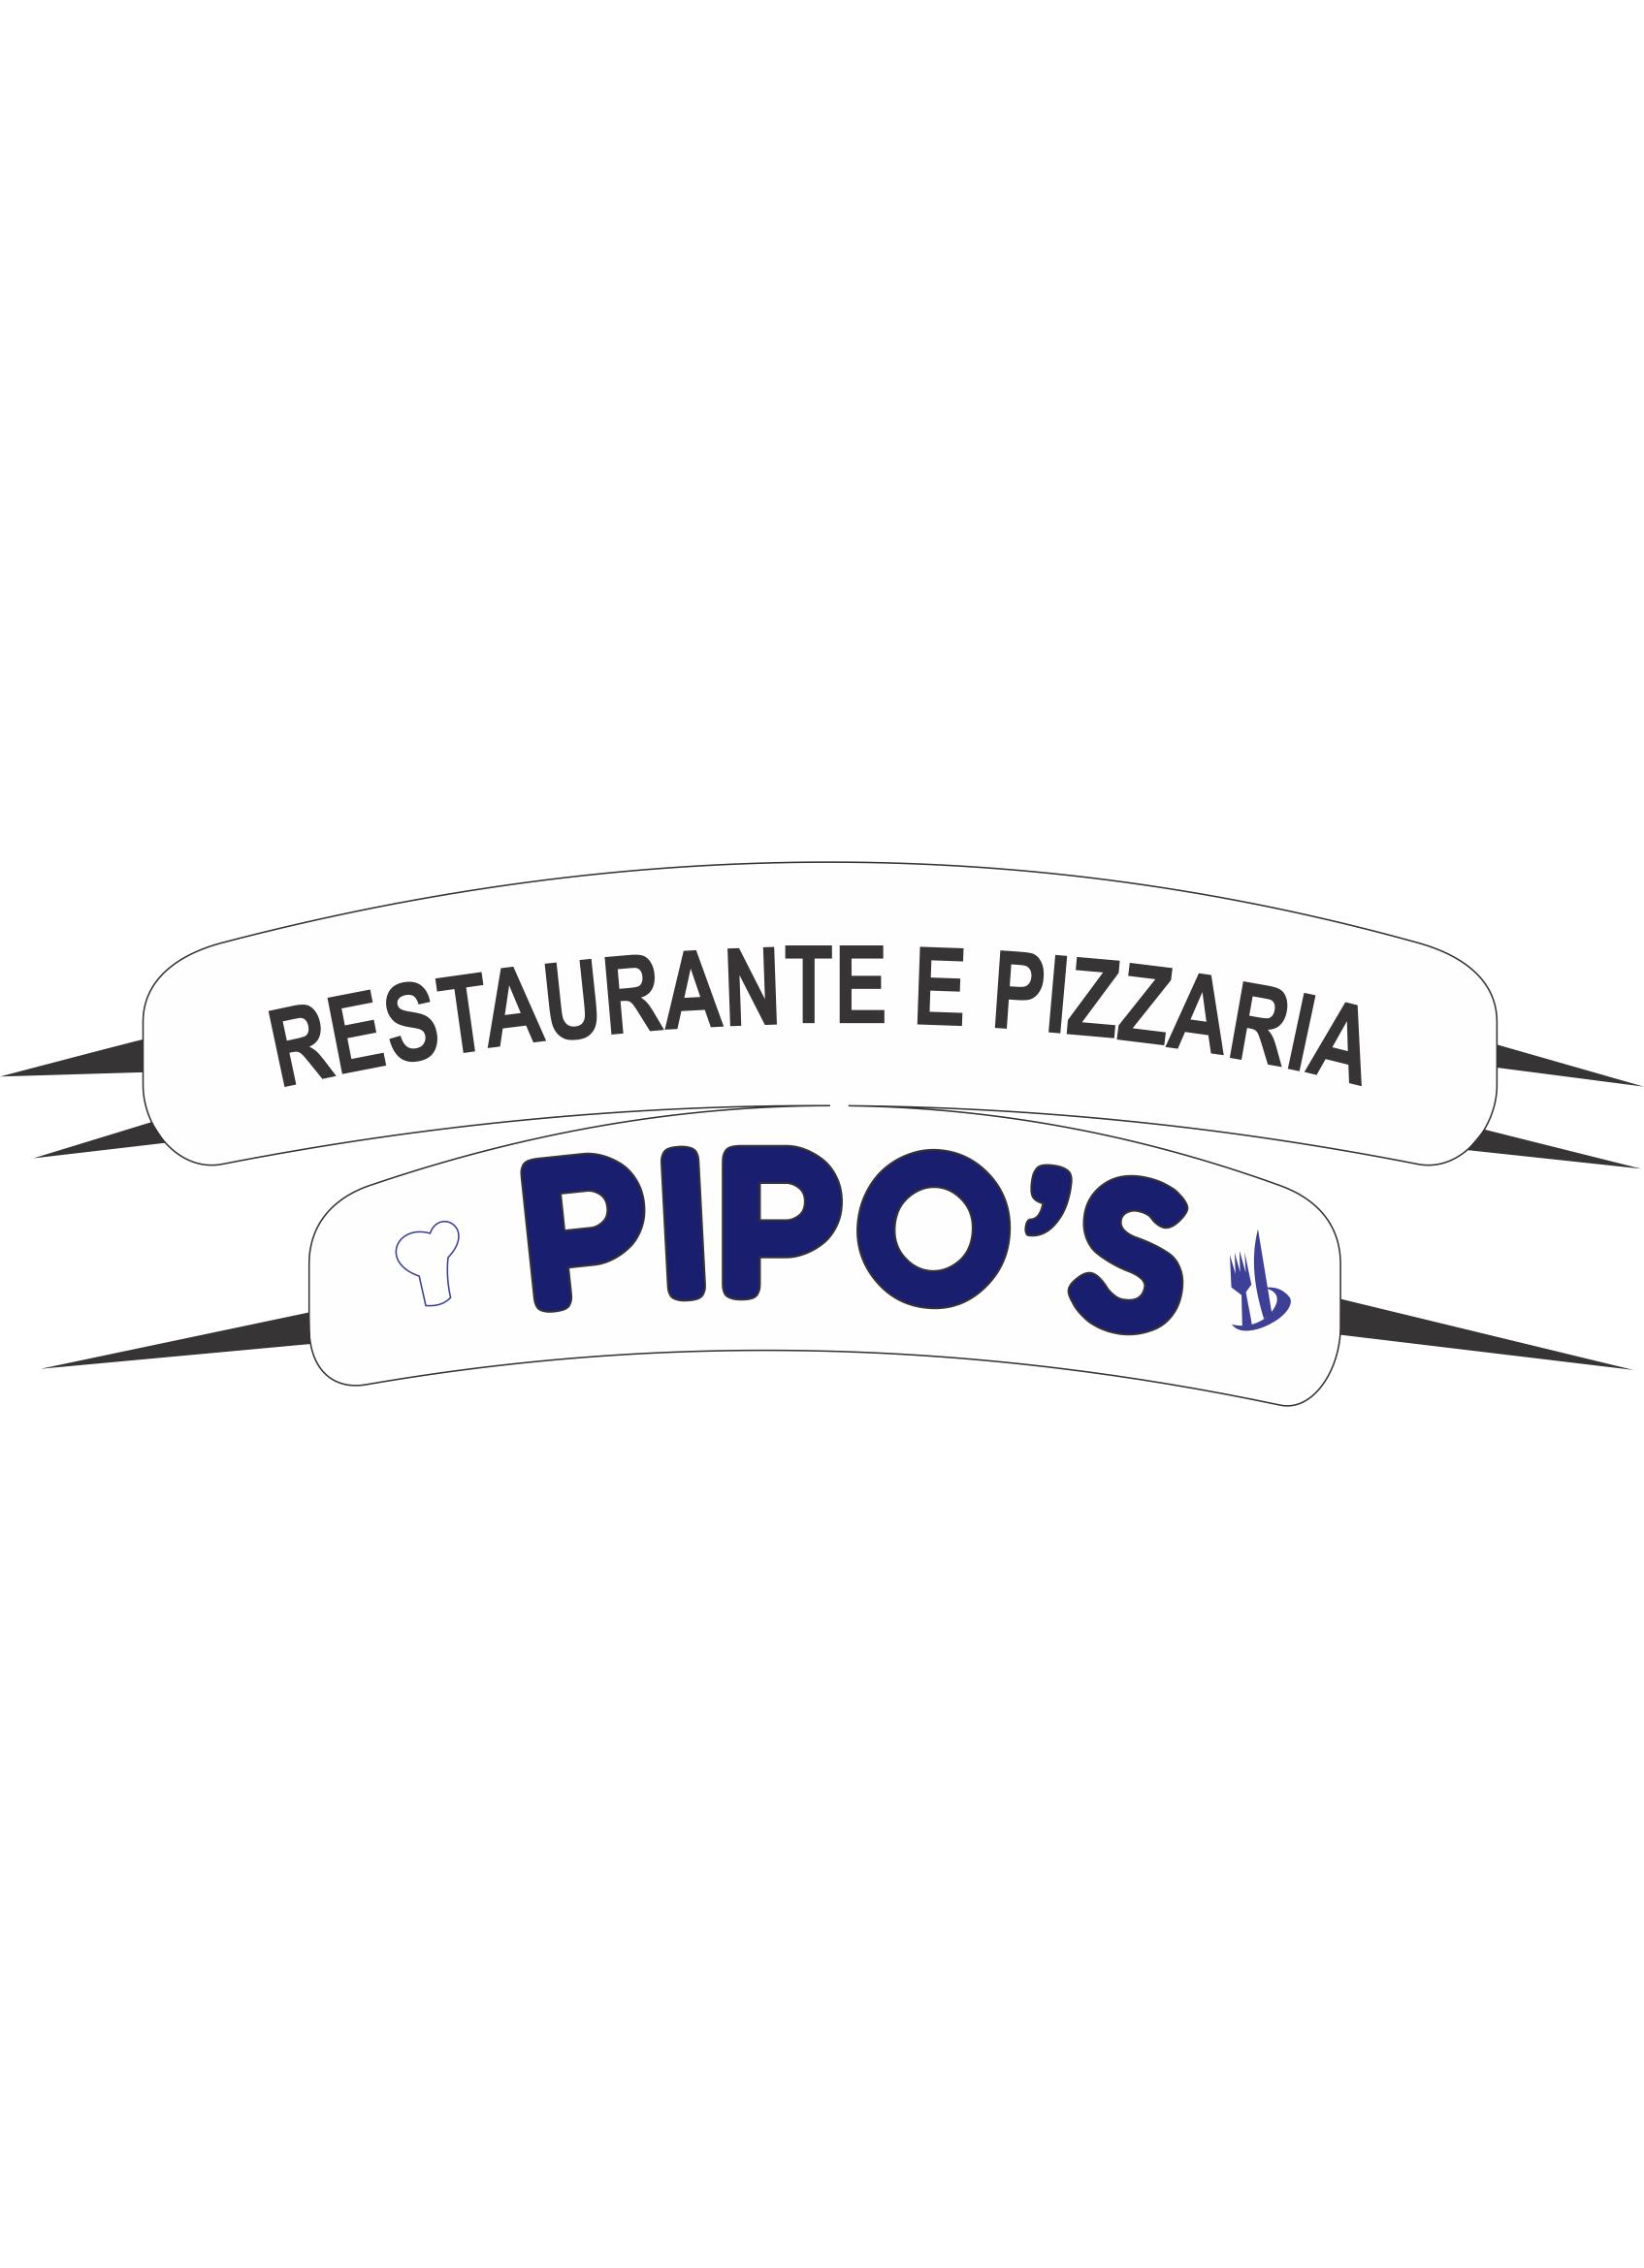 Restaurante Lanchonete e Pizzaria Pipo's